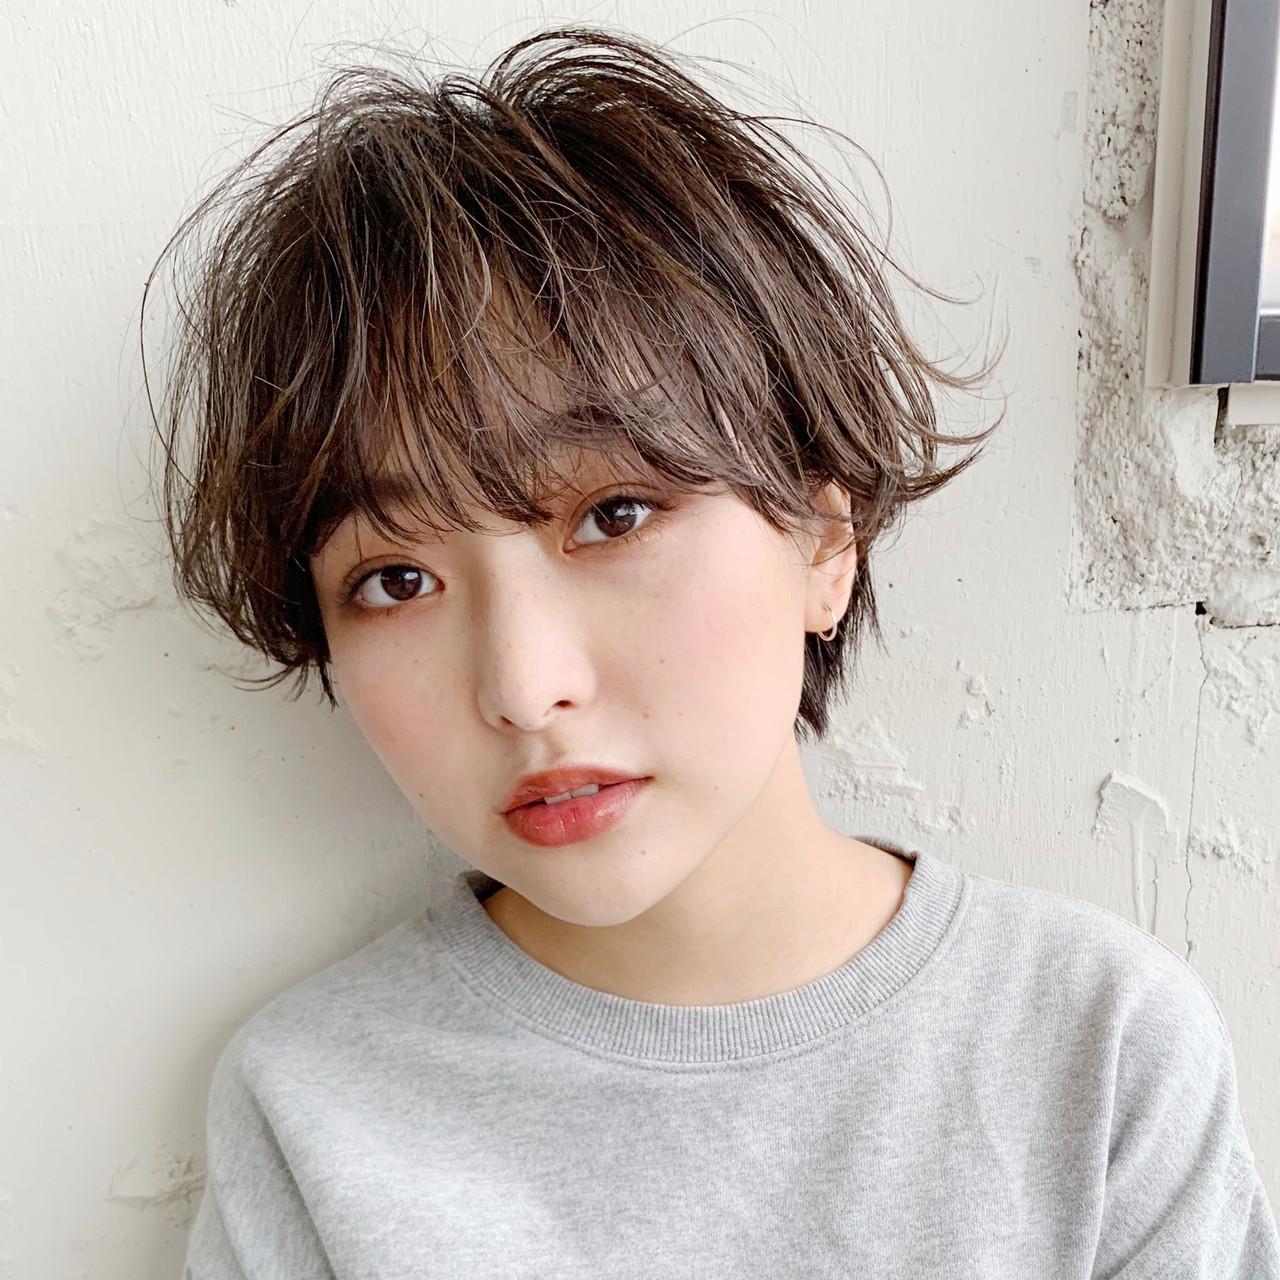 アンニュイほつれヘア ショートボブ ベリーショート ショートヘア ヘアスタイルや髪型の写真・画像 | Natsuko Kodama 児玉奈都子 / dydi